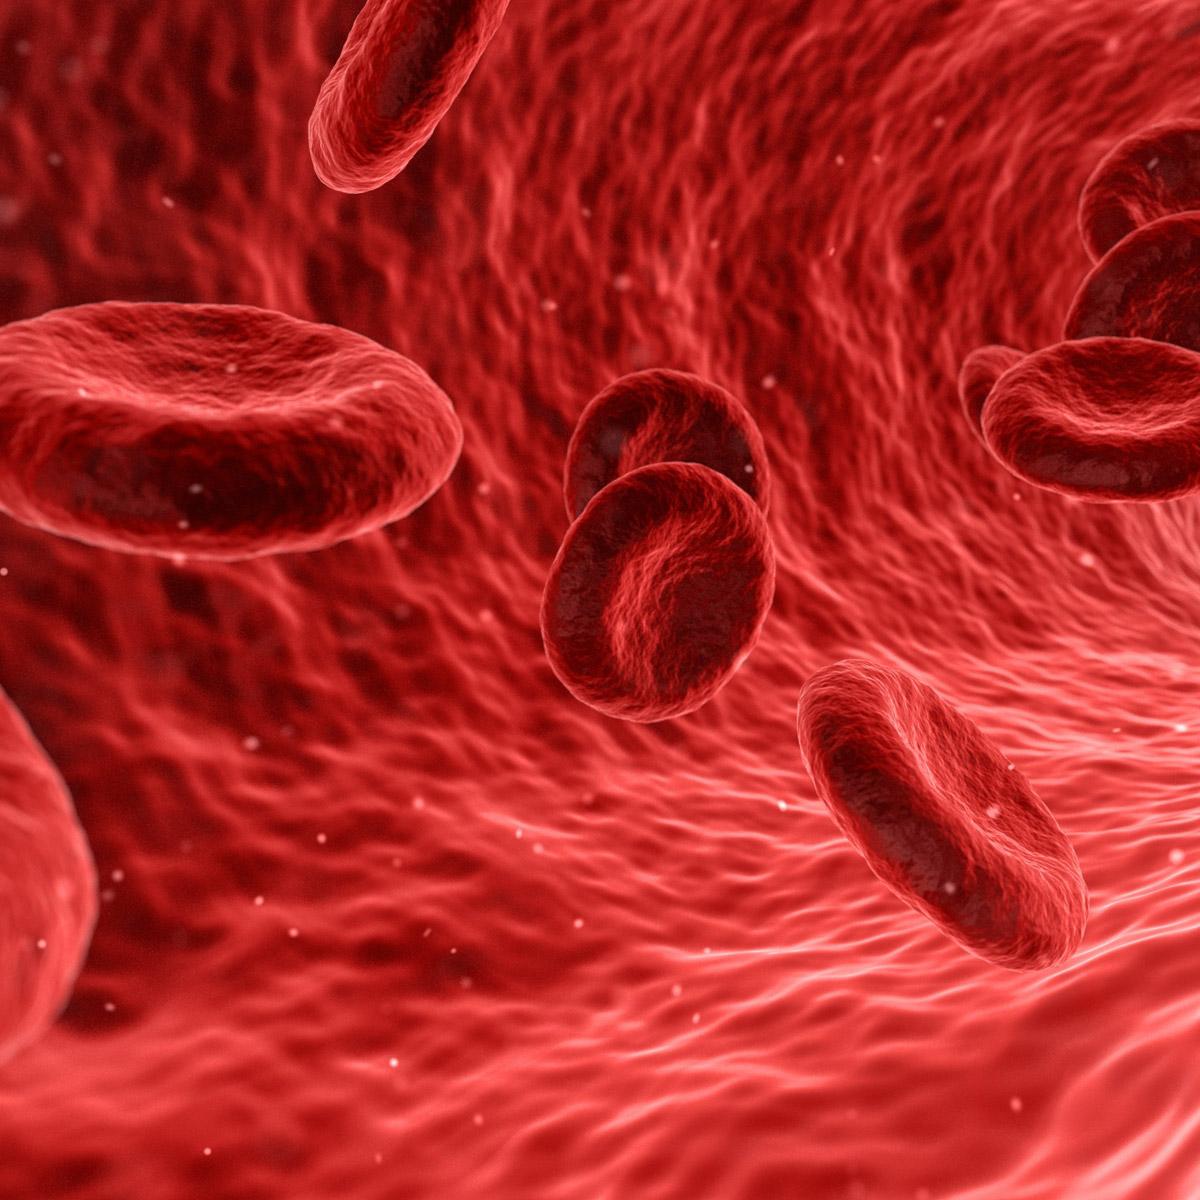 L-Arginiin – laiendab veresooni, hõlbustab vereringe talitlust ja annab energiat